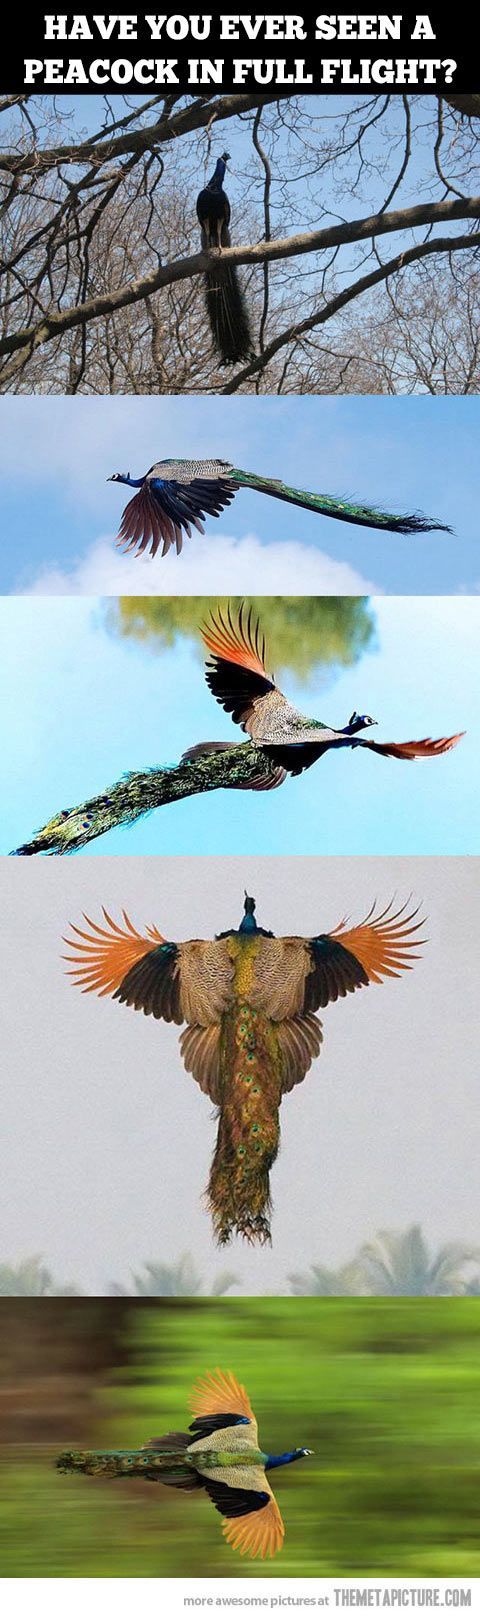 Peacocks in full flight�